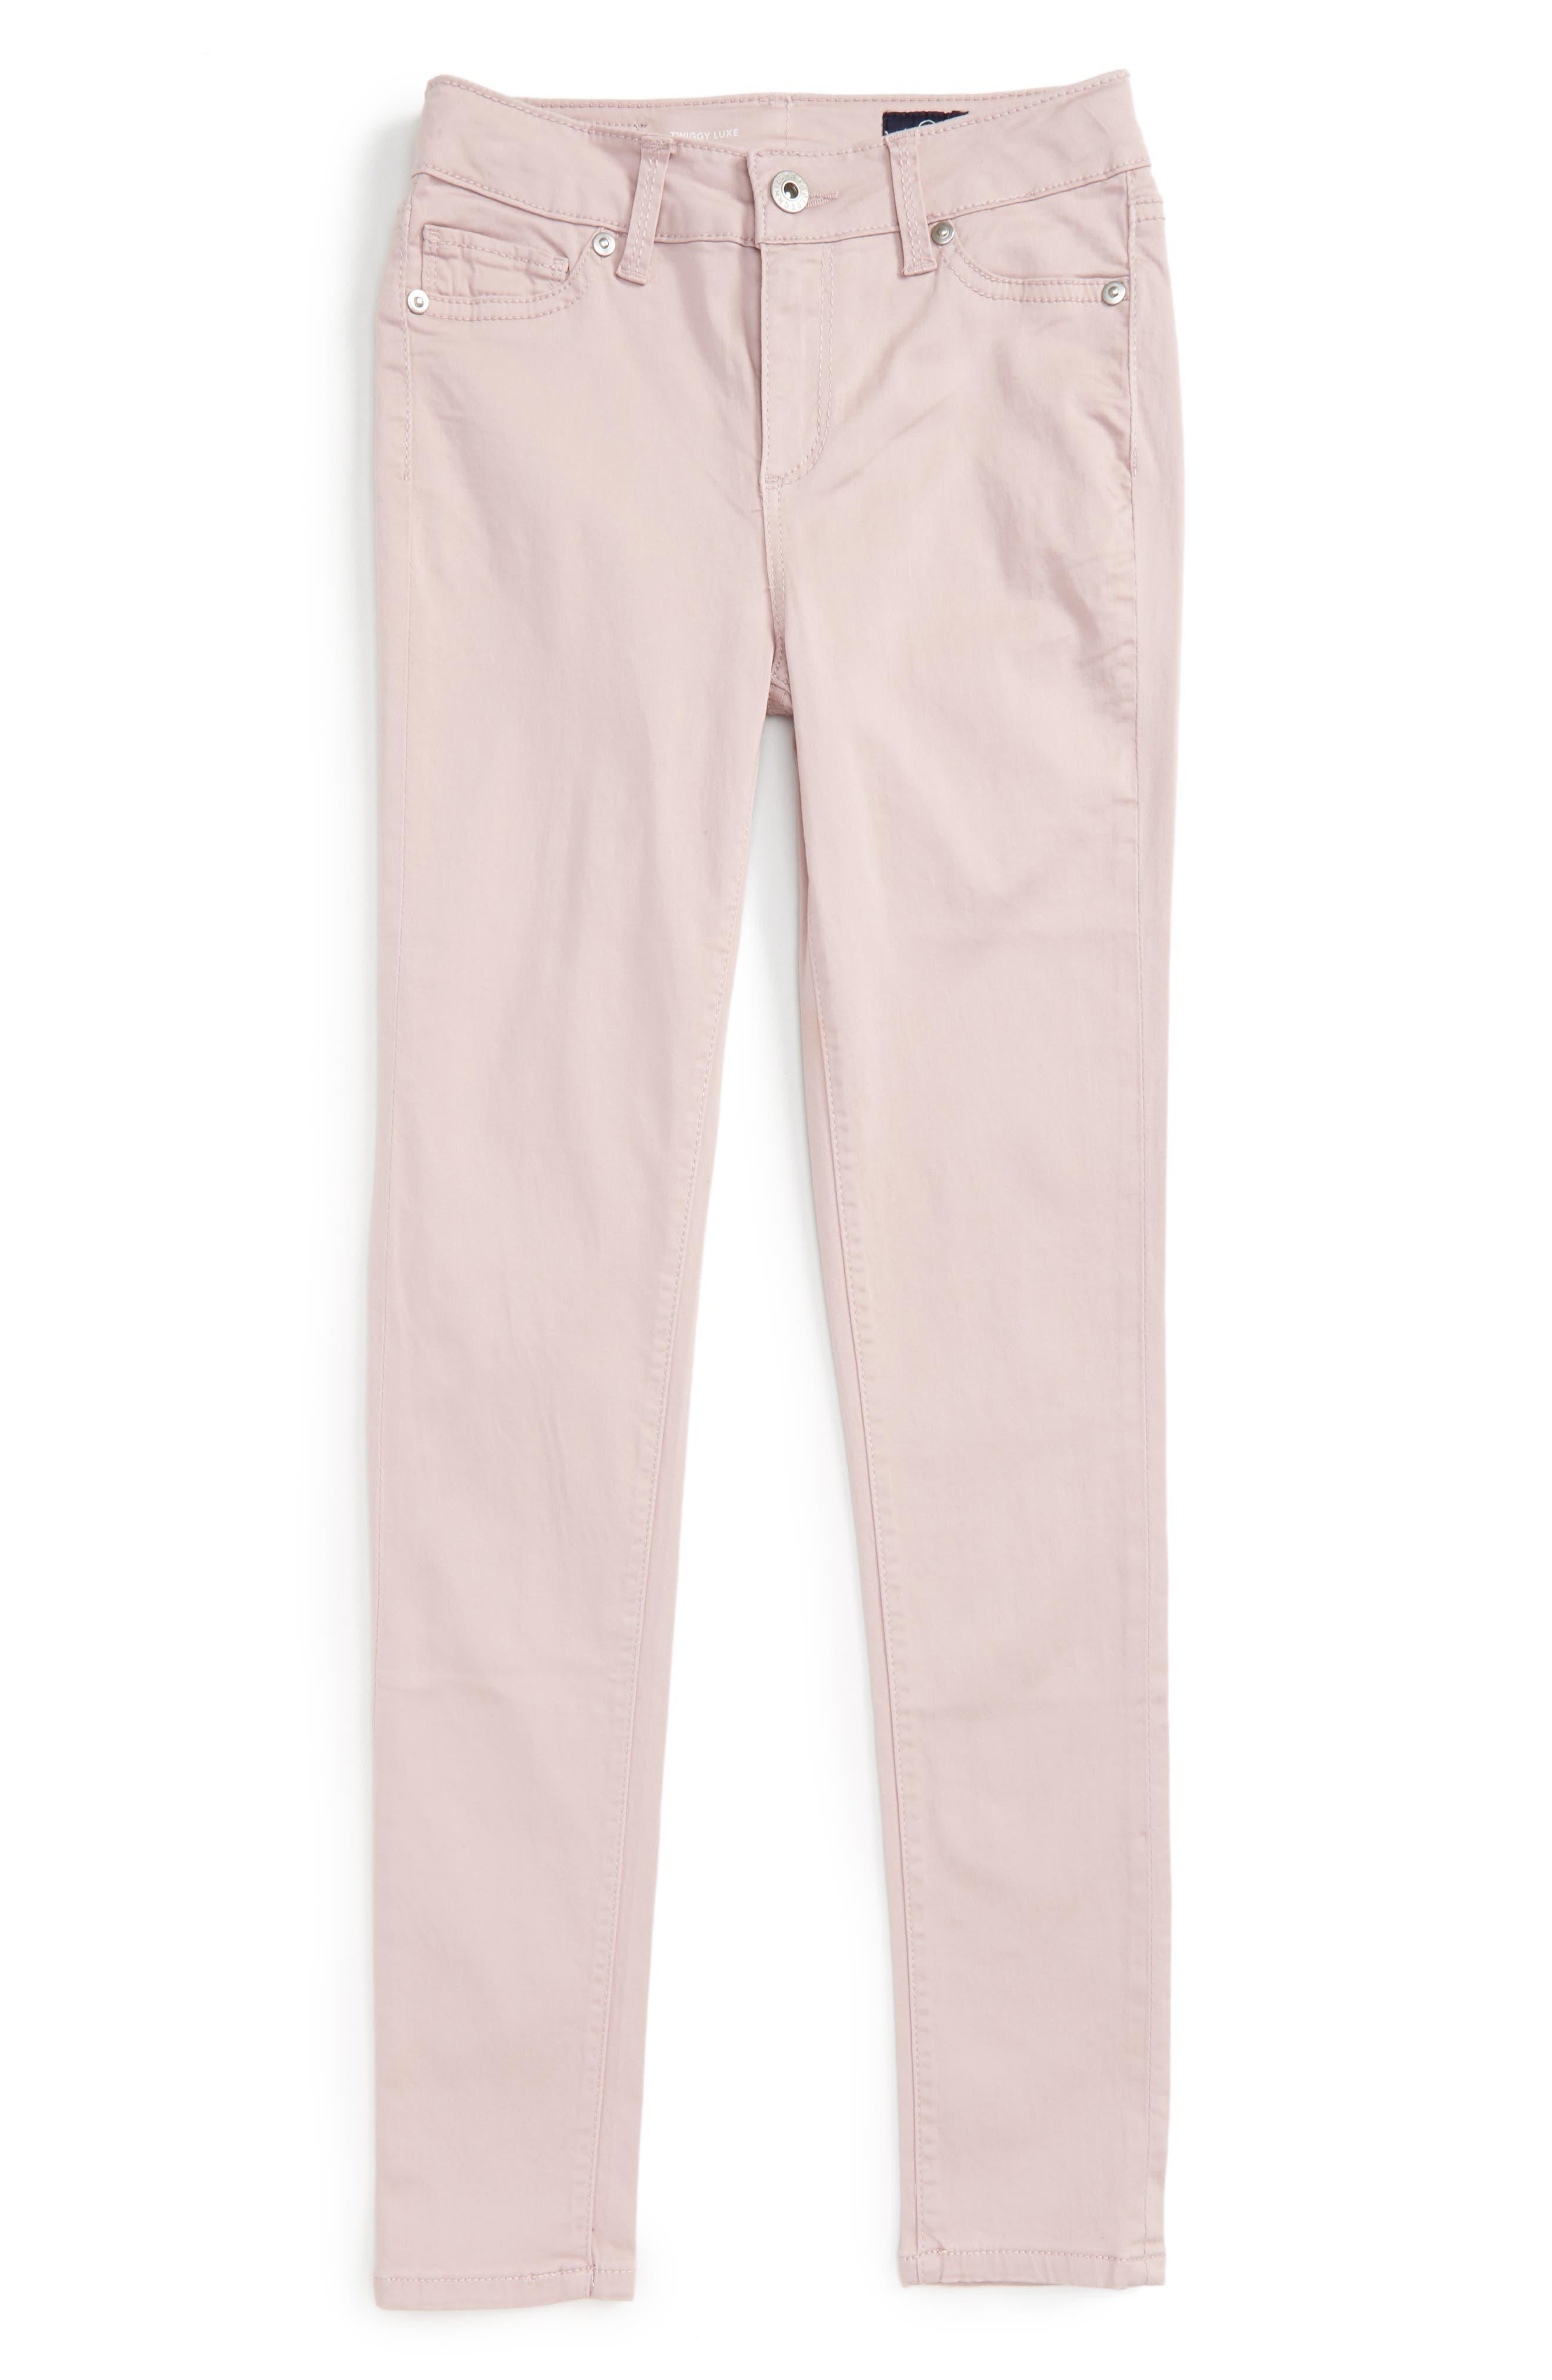 ag adriano goldschmied kids Twiggy Ankle Skinny Jeans (Big Girls)